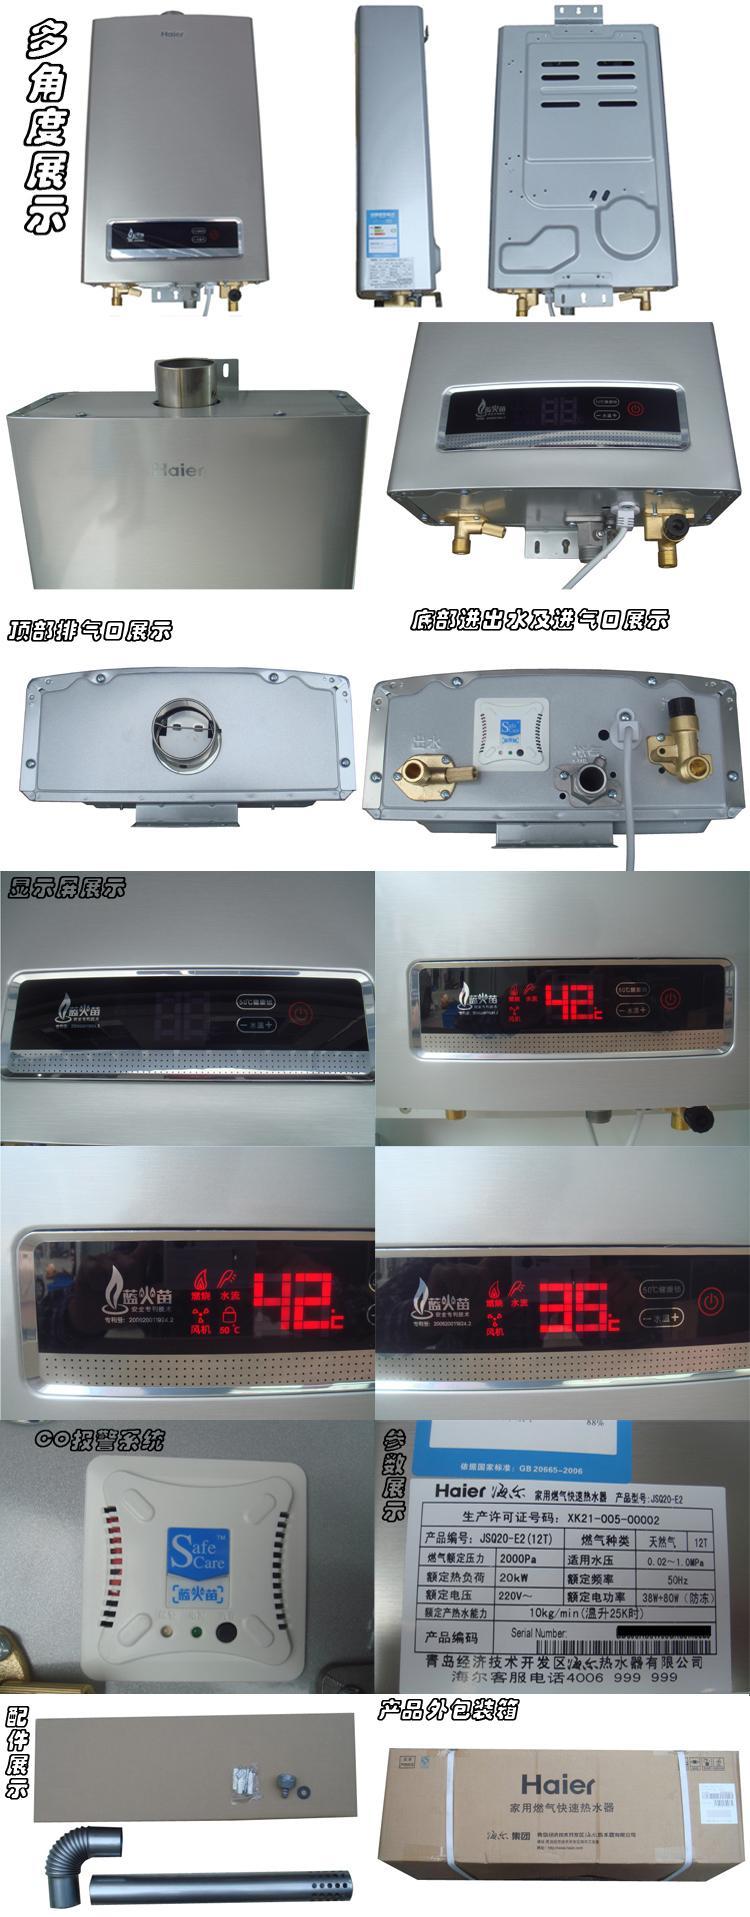 海尔燃气热水器jsq24-e2(12t)